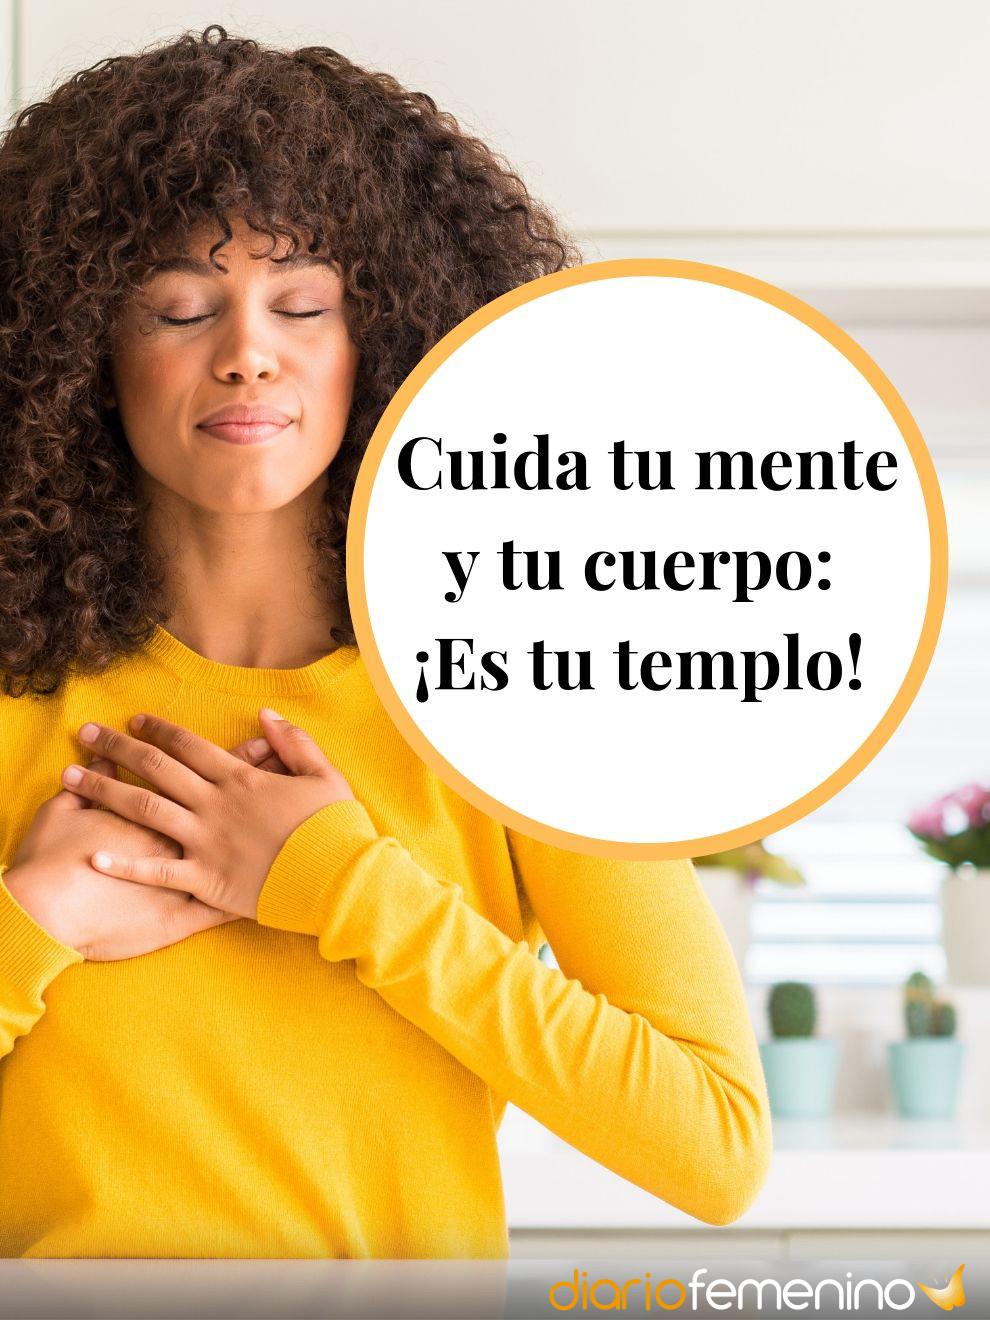 Frases para valorar tu salud: cuida tu cuerpo